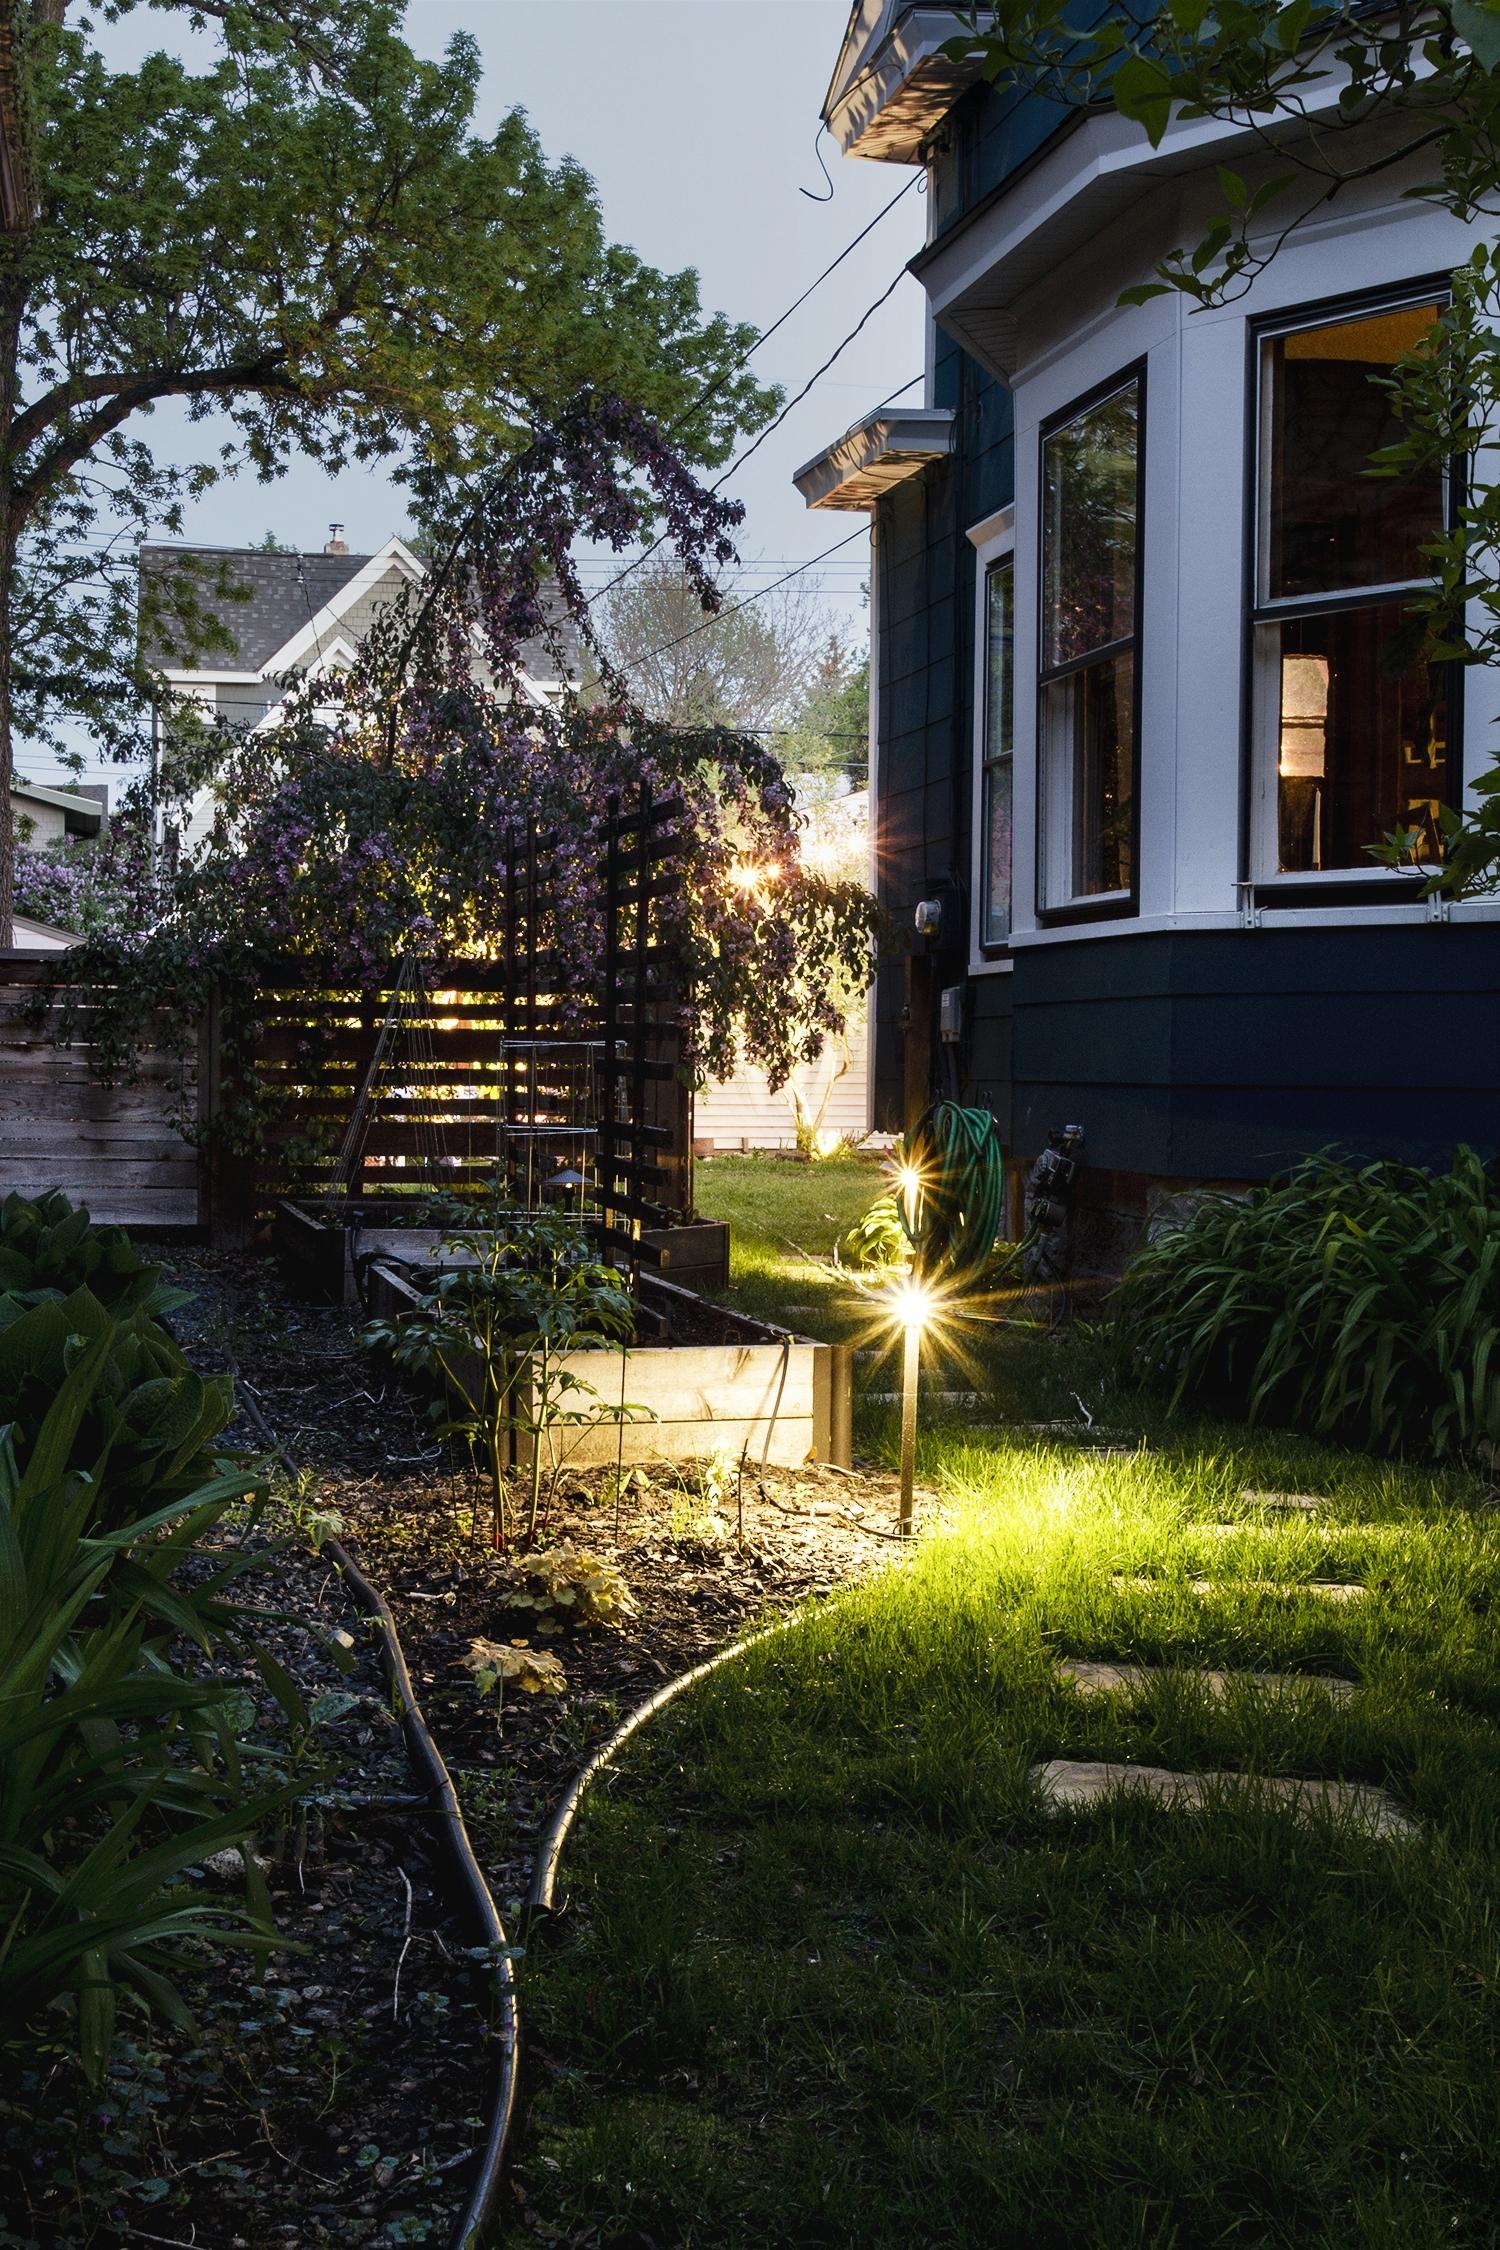 Trendy Easy To Install Low Voltage Outdoor Lighting – Deuce Cities Henhouse Regarding Low Voltage Outdoor Lighting (View 19 of 20)